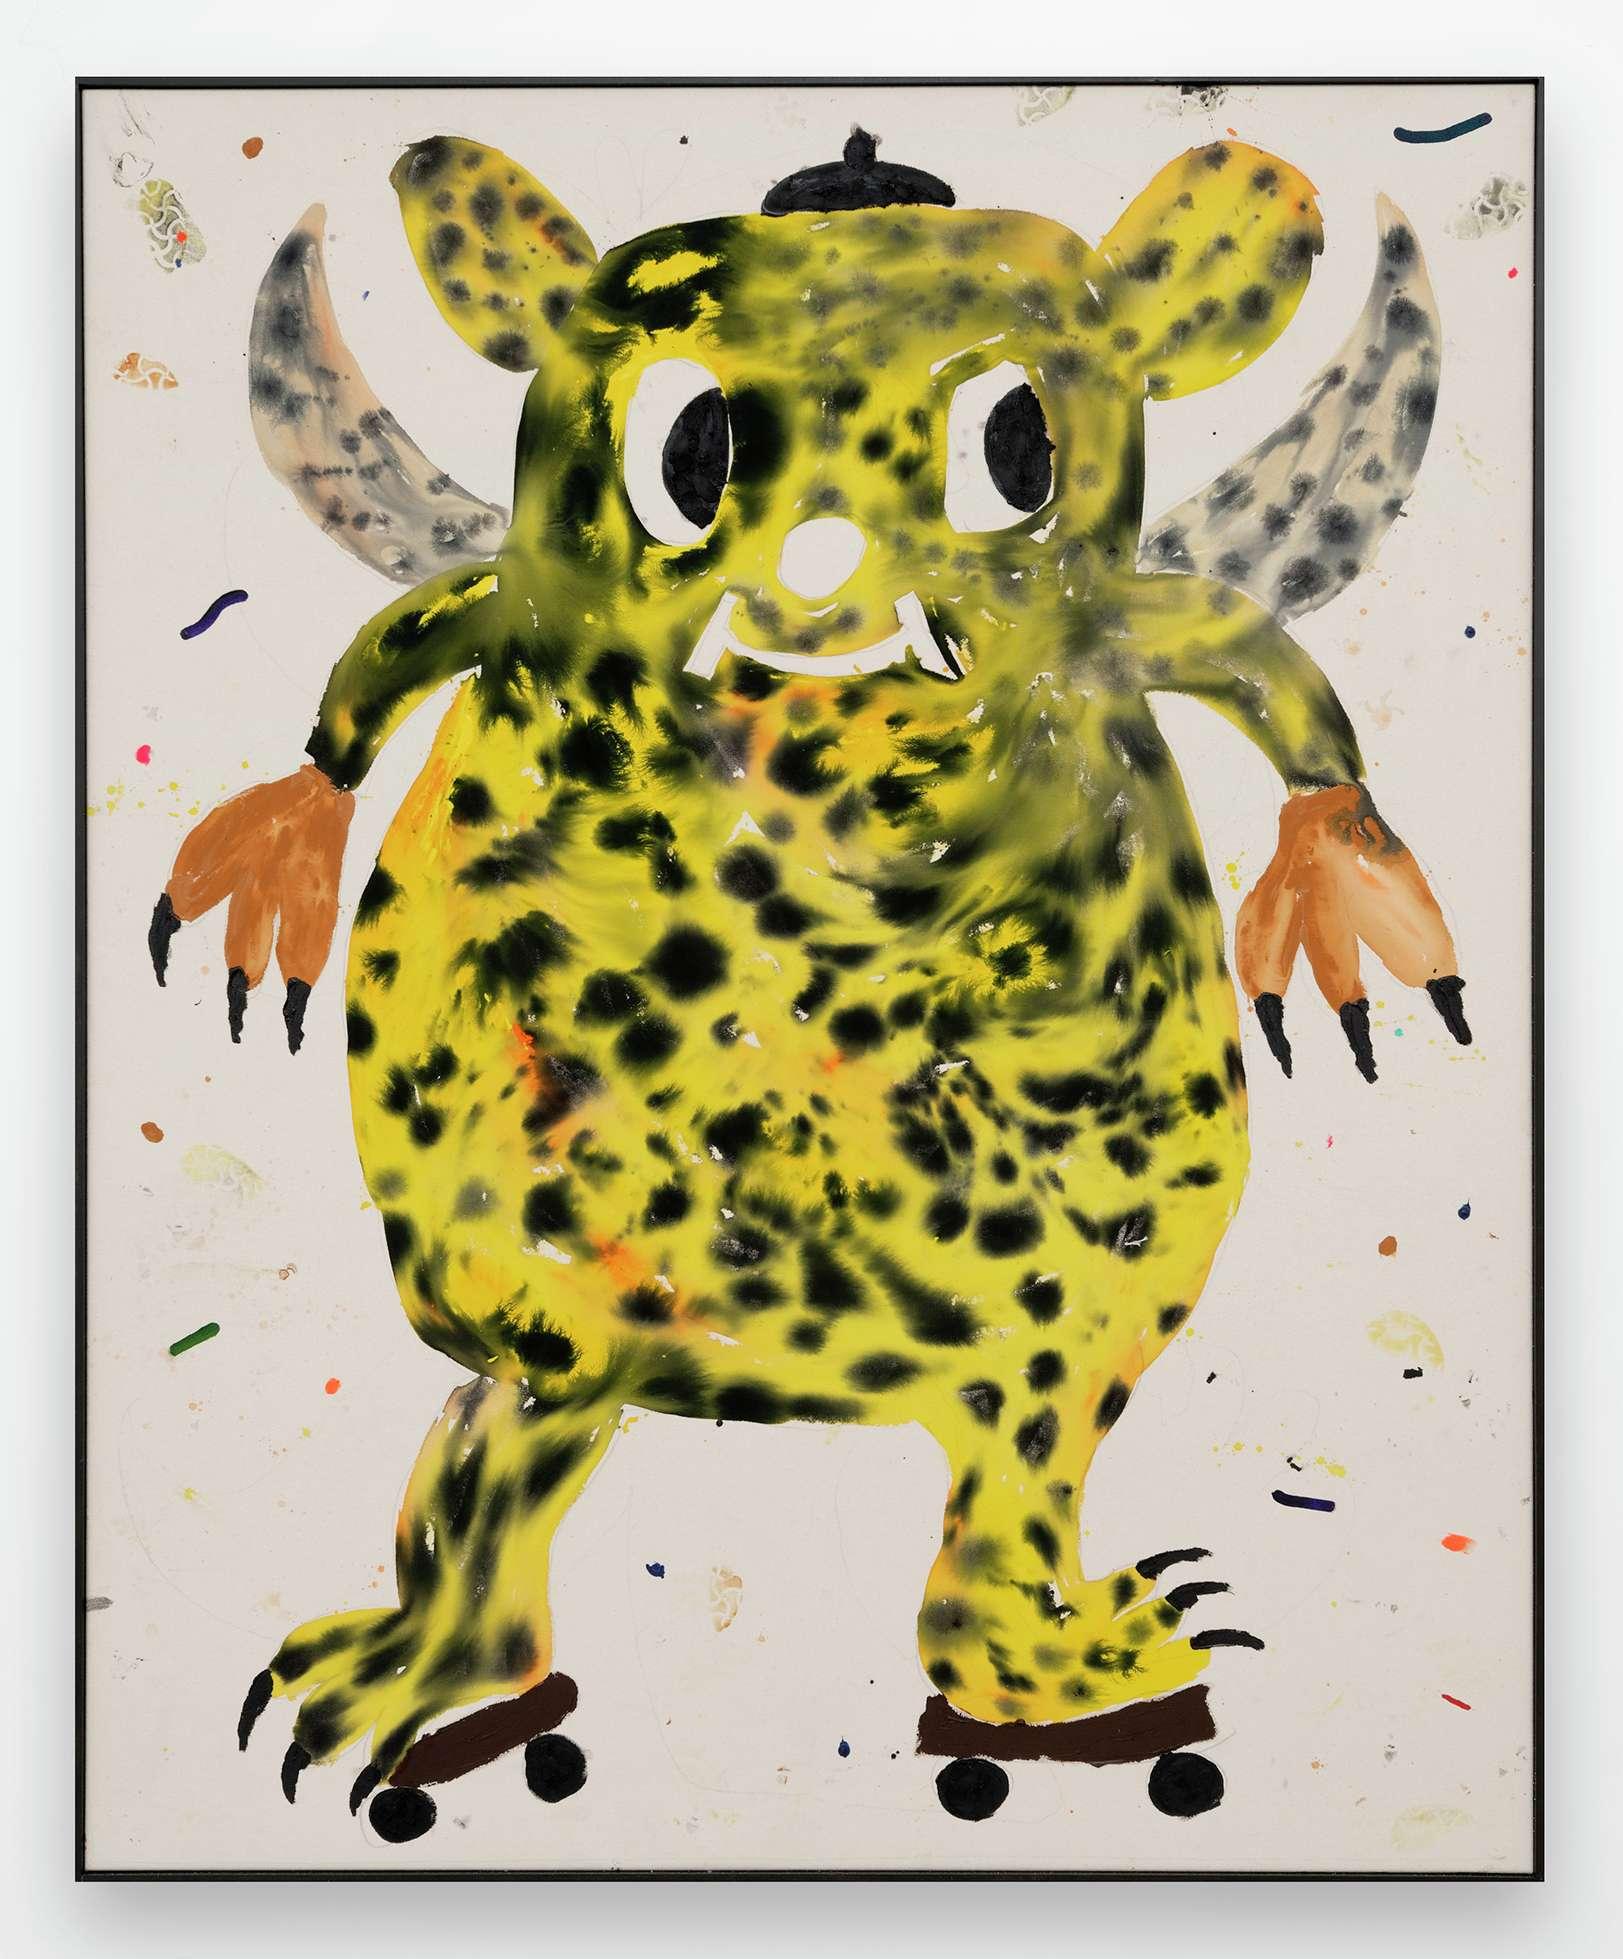 Szabolcs Bozó, Voodoo Child, 2020 Acrylique, encre et pastel sur toile160 × 130 cm / 63  × 51 1/8 in.